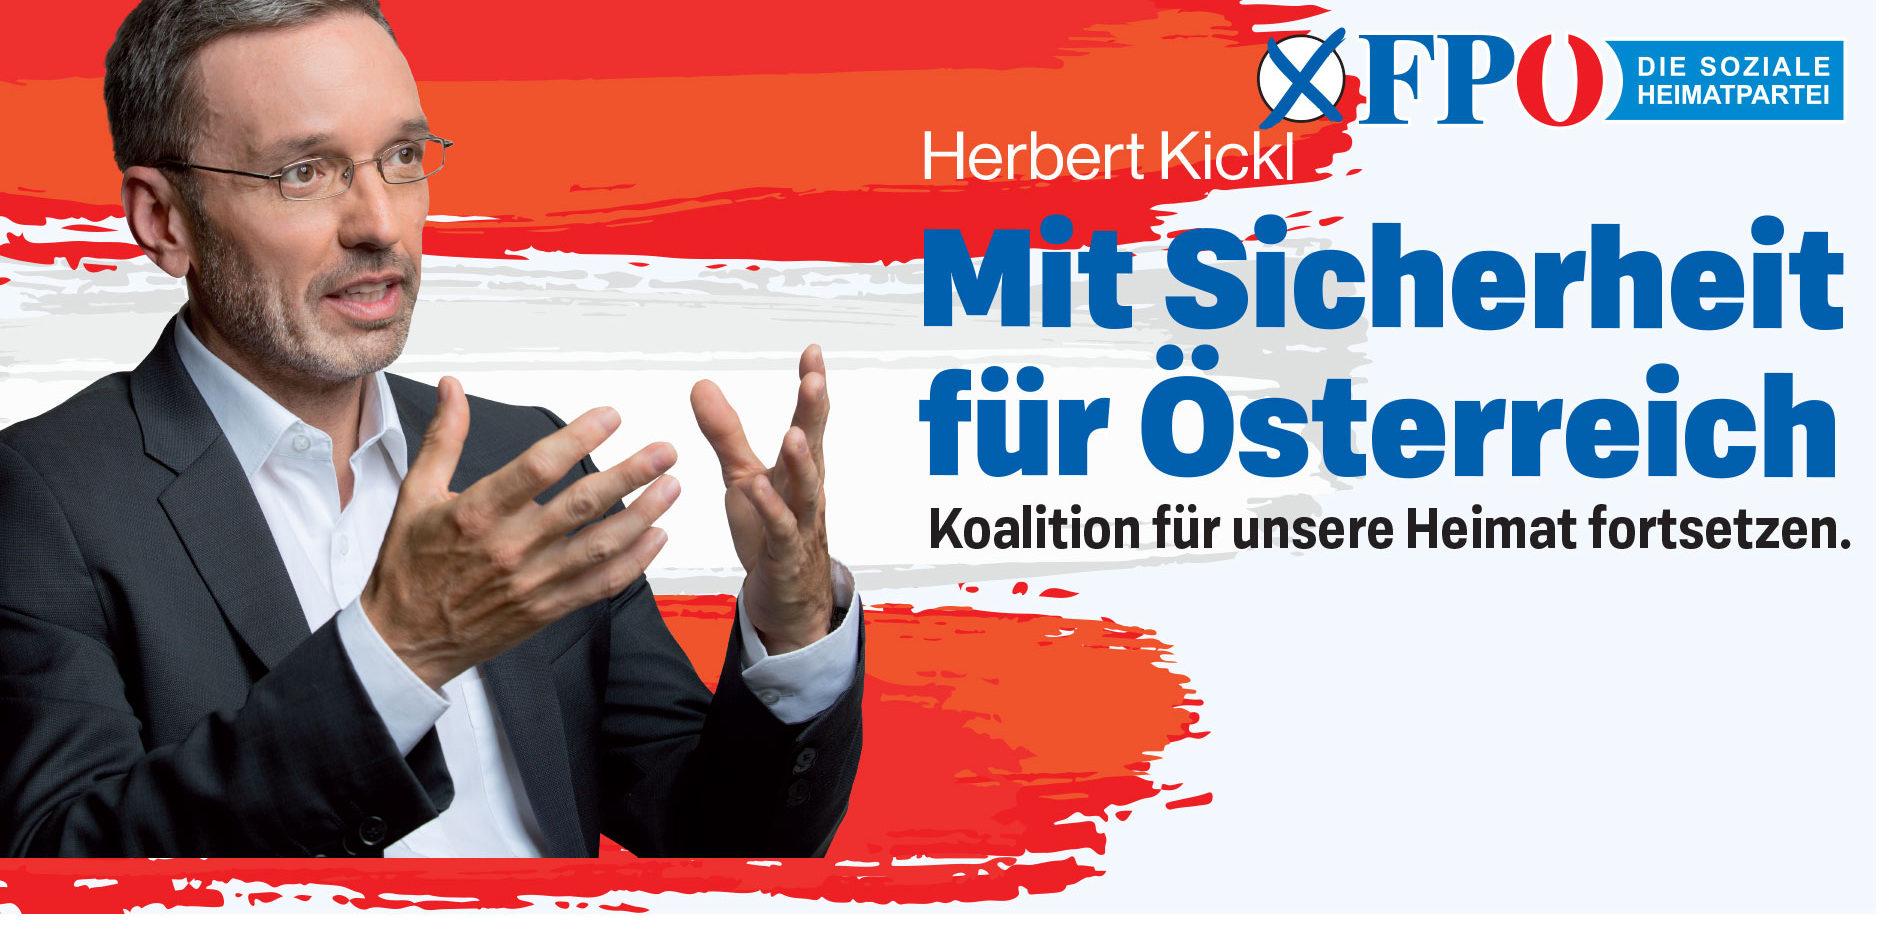 Wahlslogan 2019 der FPÖ: Mit Sicherheit fuer Oesterreich